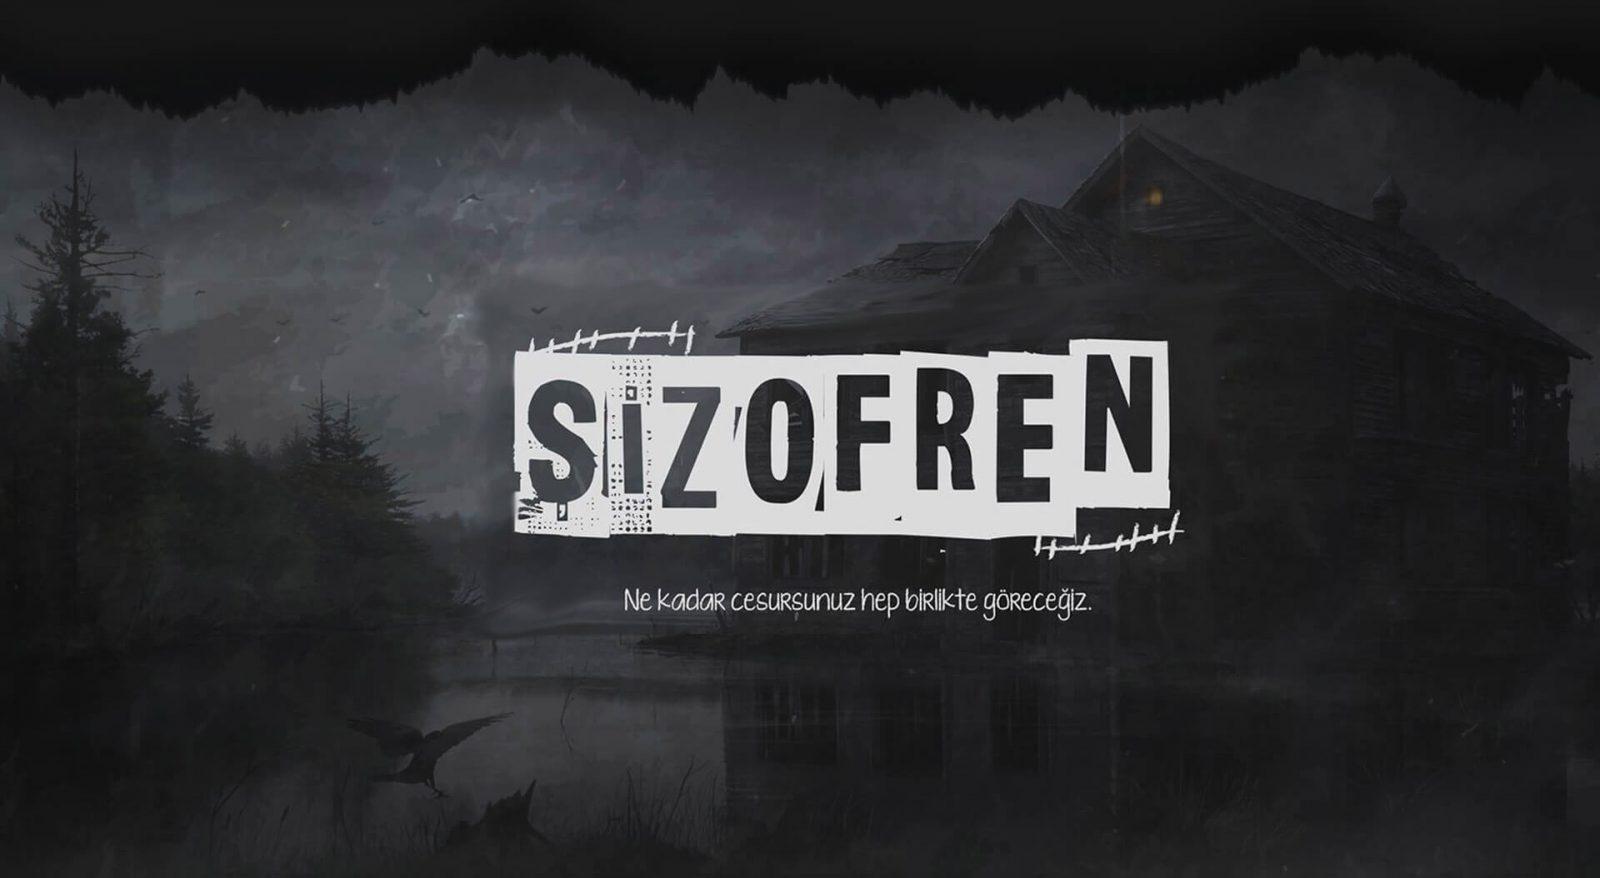 Oyunbaz - Şizofren Korku Evi ve Gerçek Evden Kaçış Oyunu